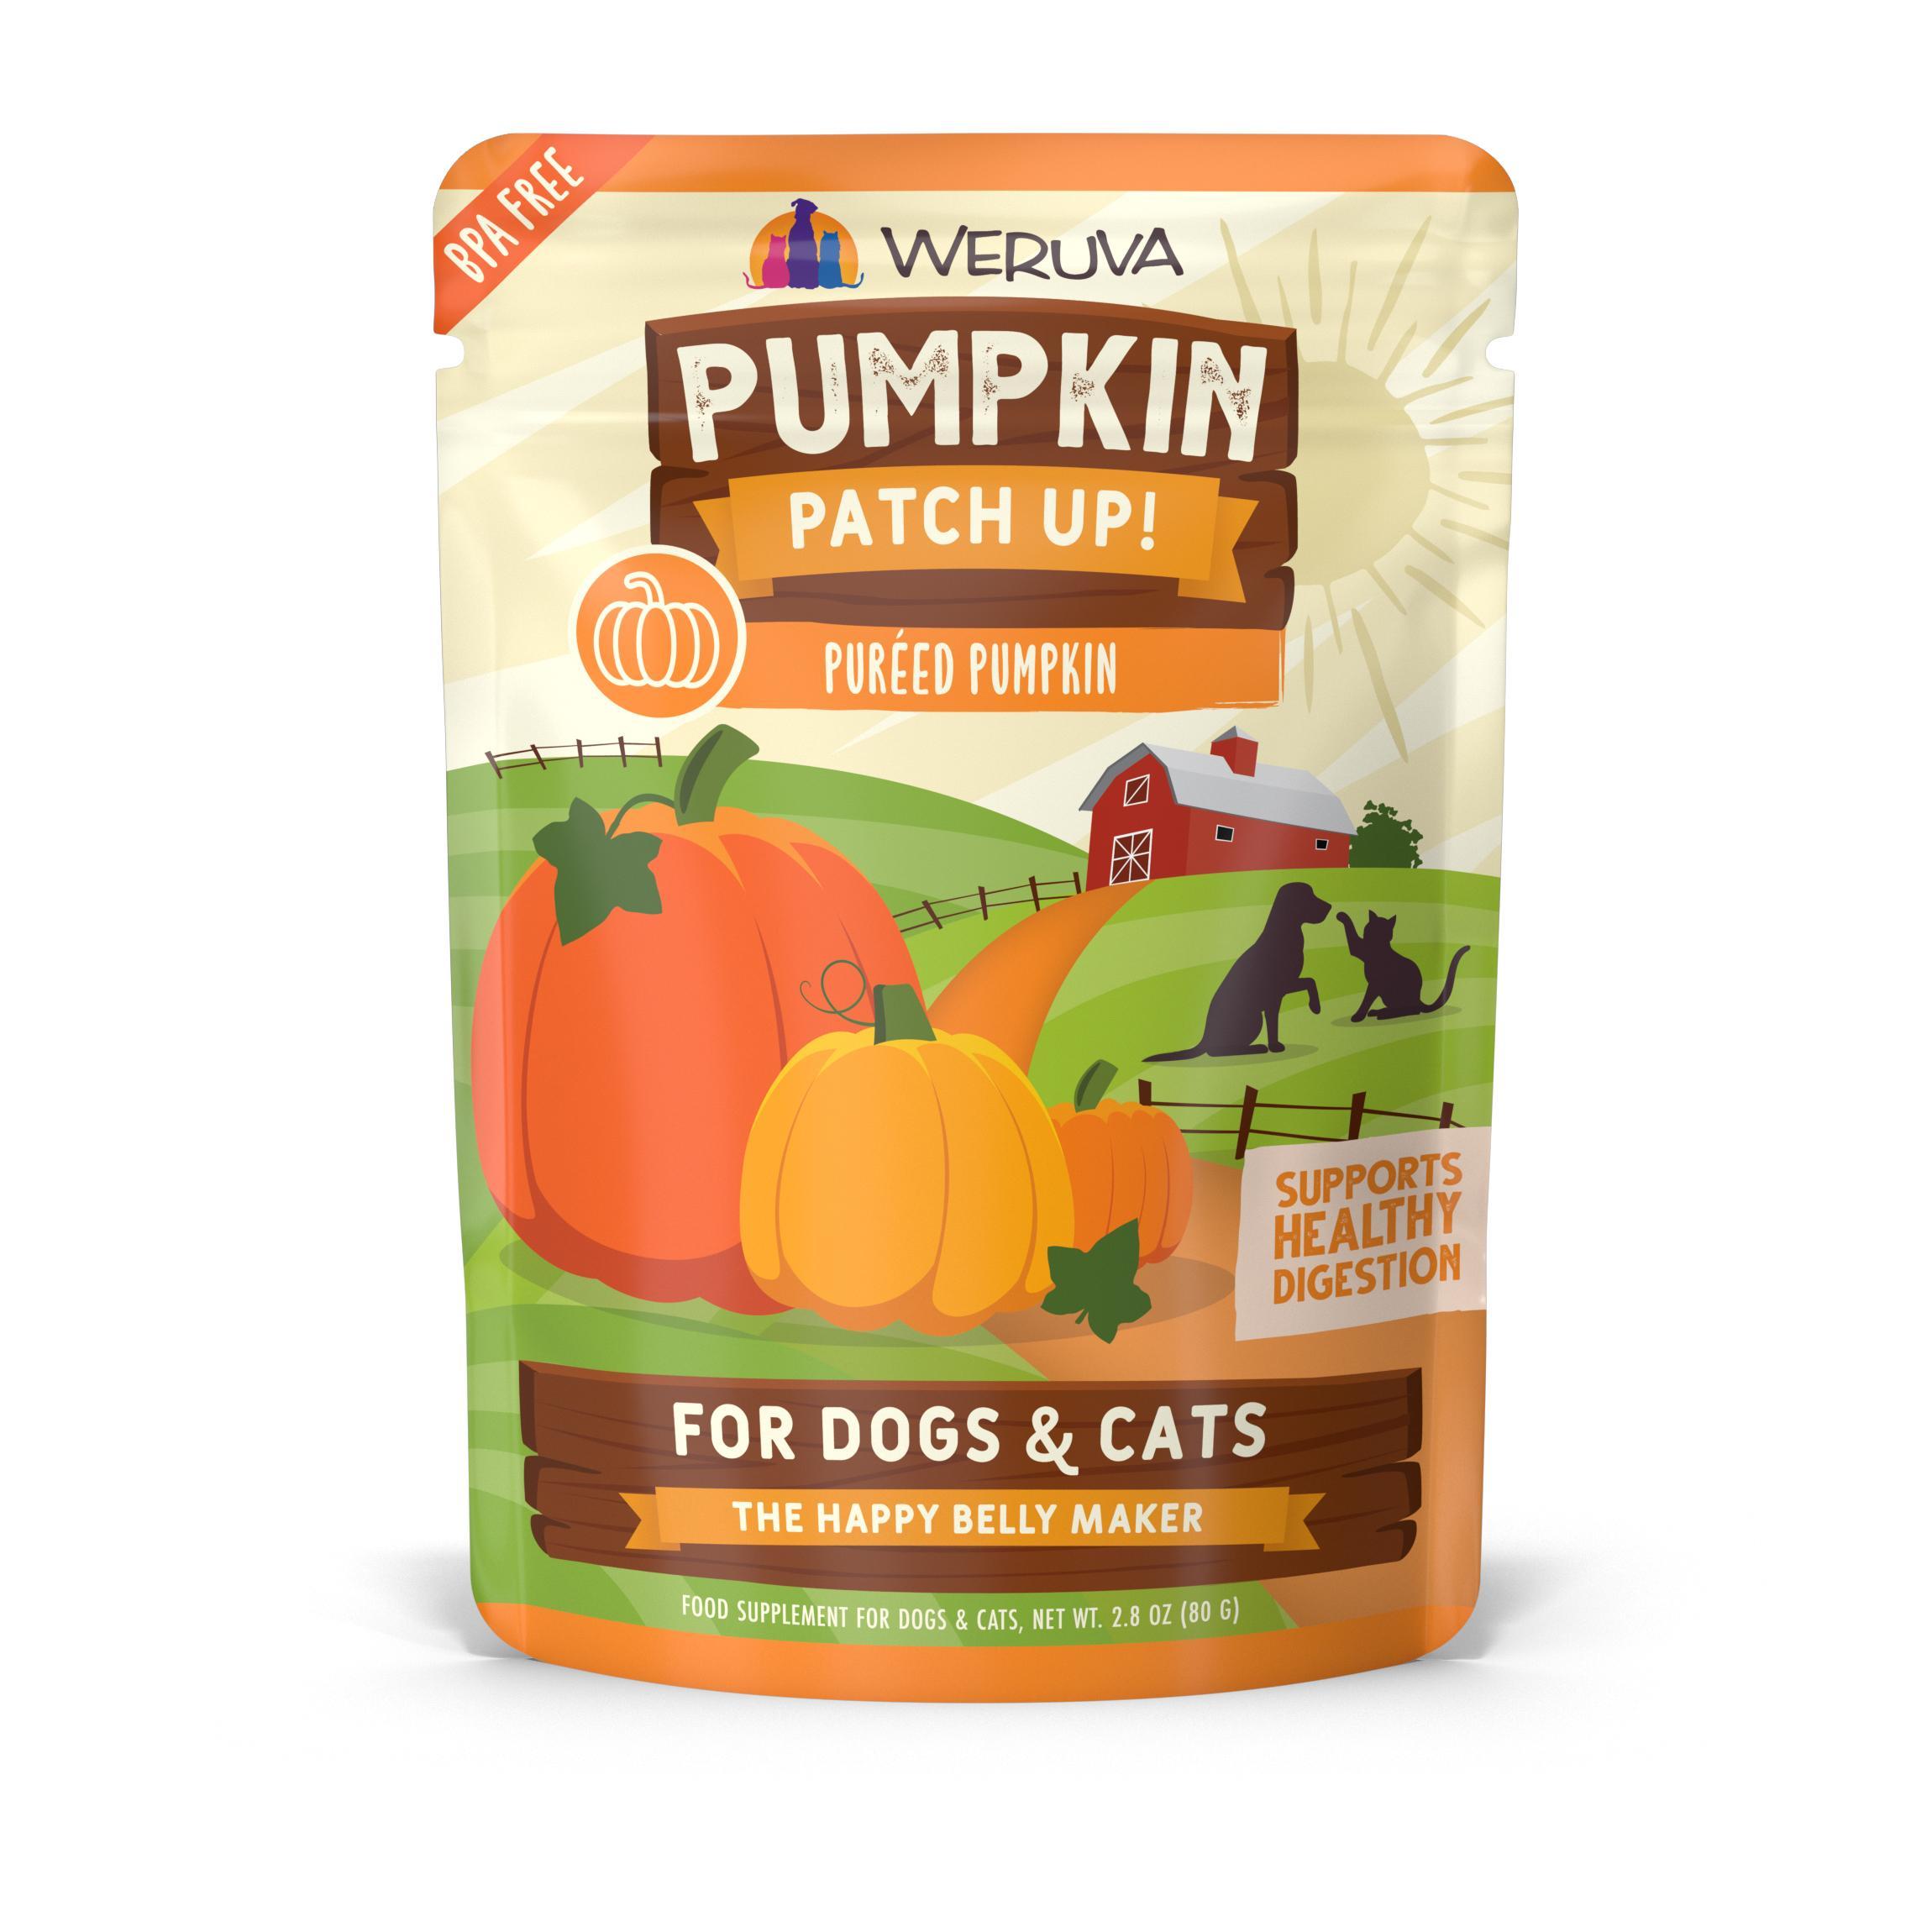 Weruva Pumpkin Patch Up! Dog & Cat Food Supplement, 2.80-oz